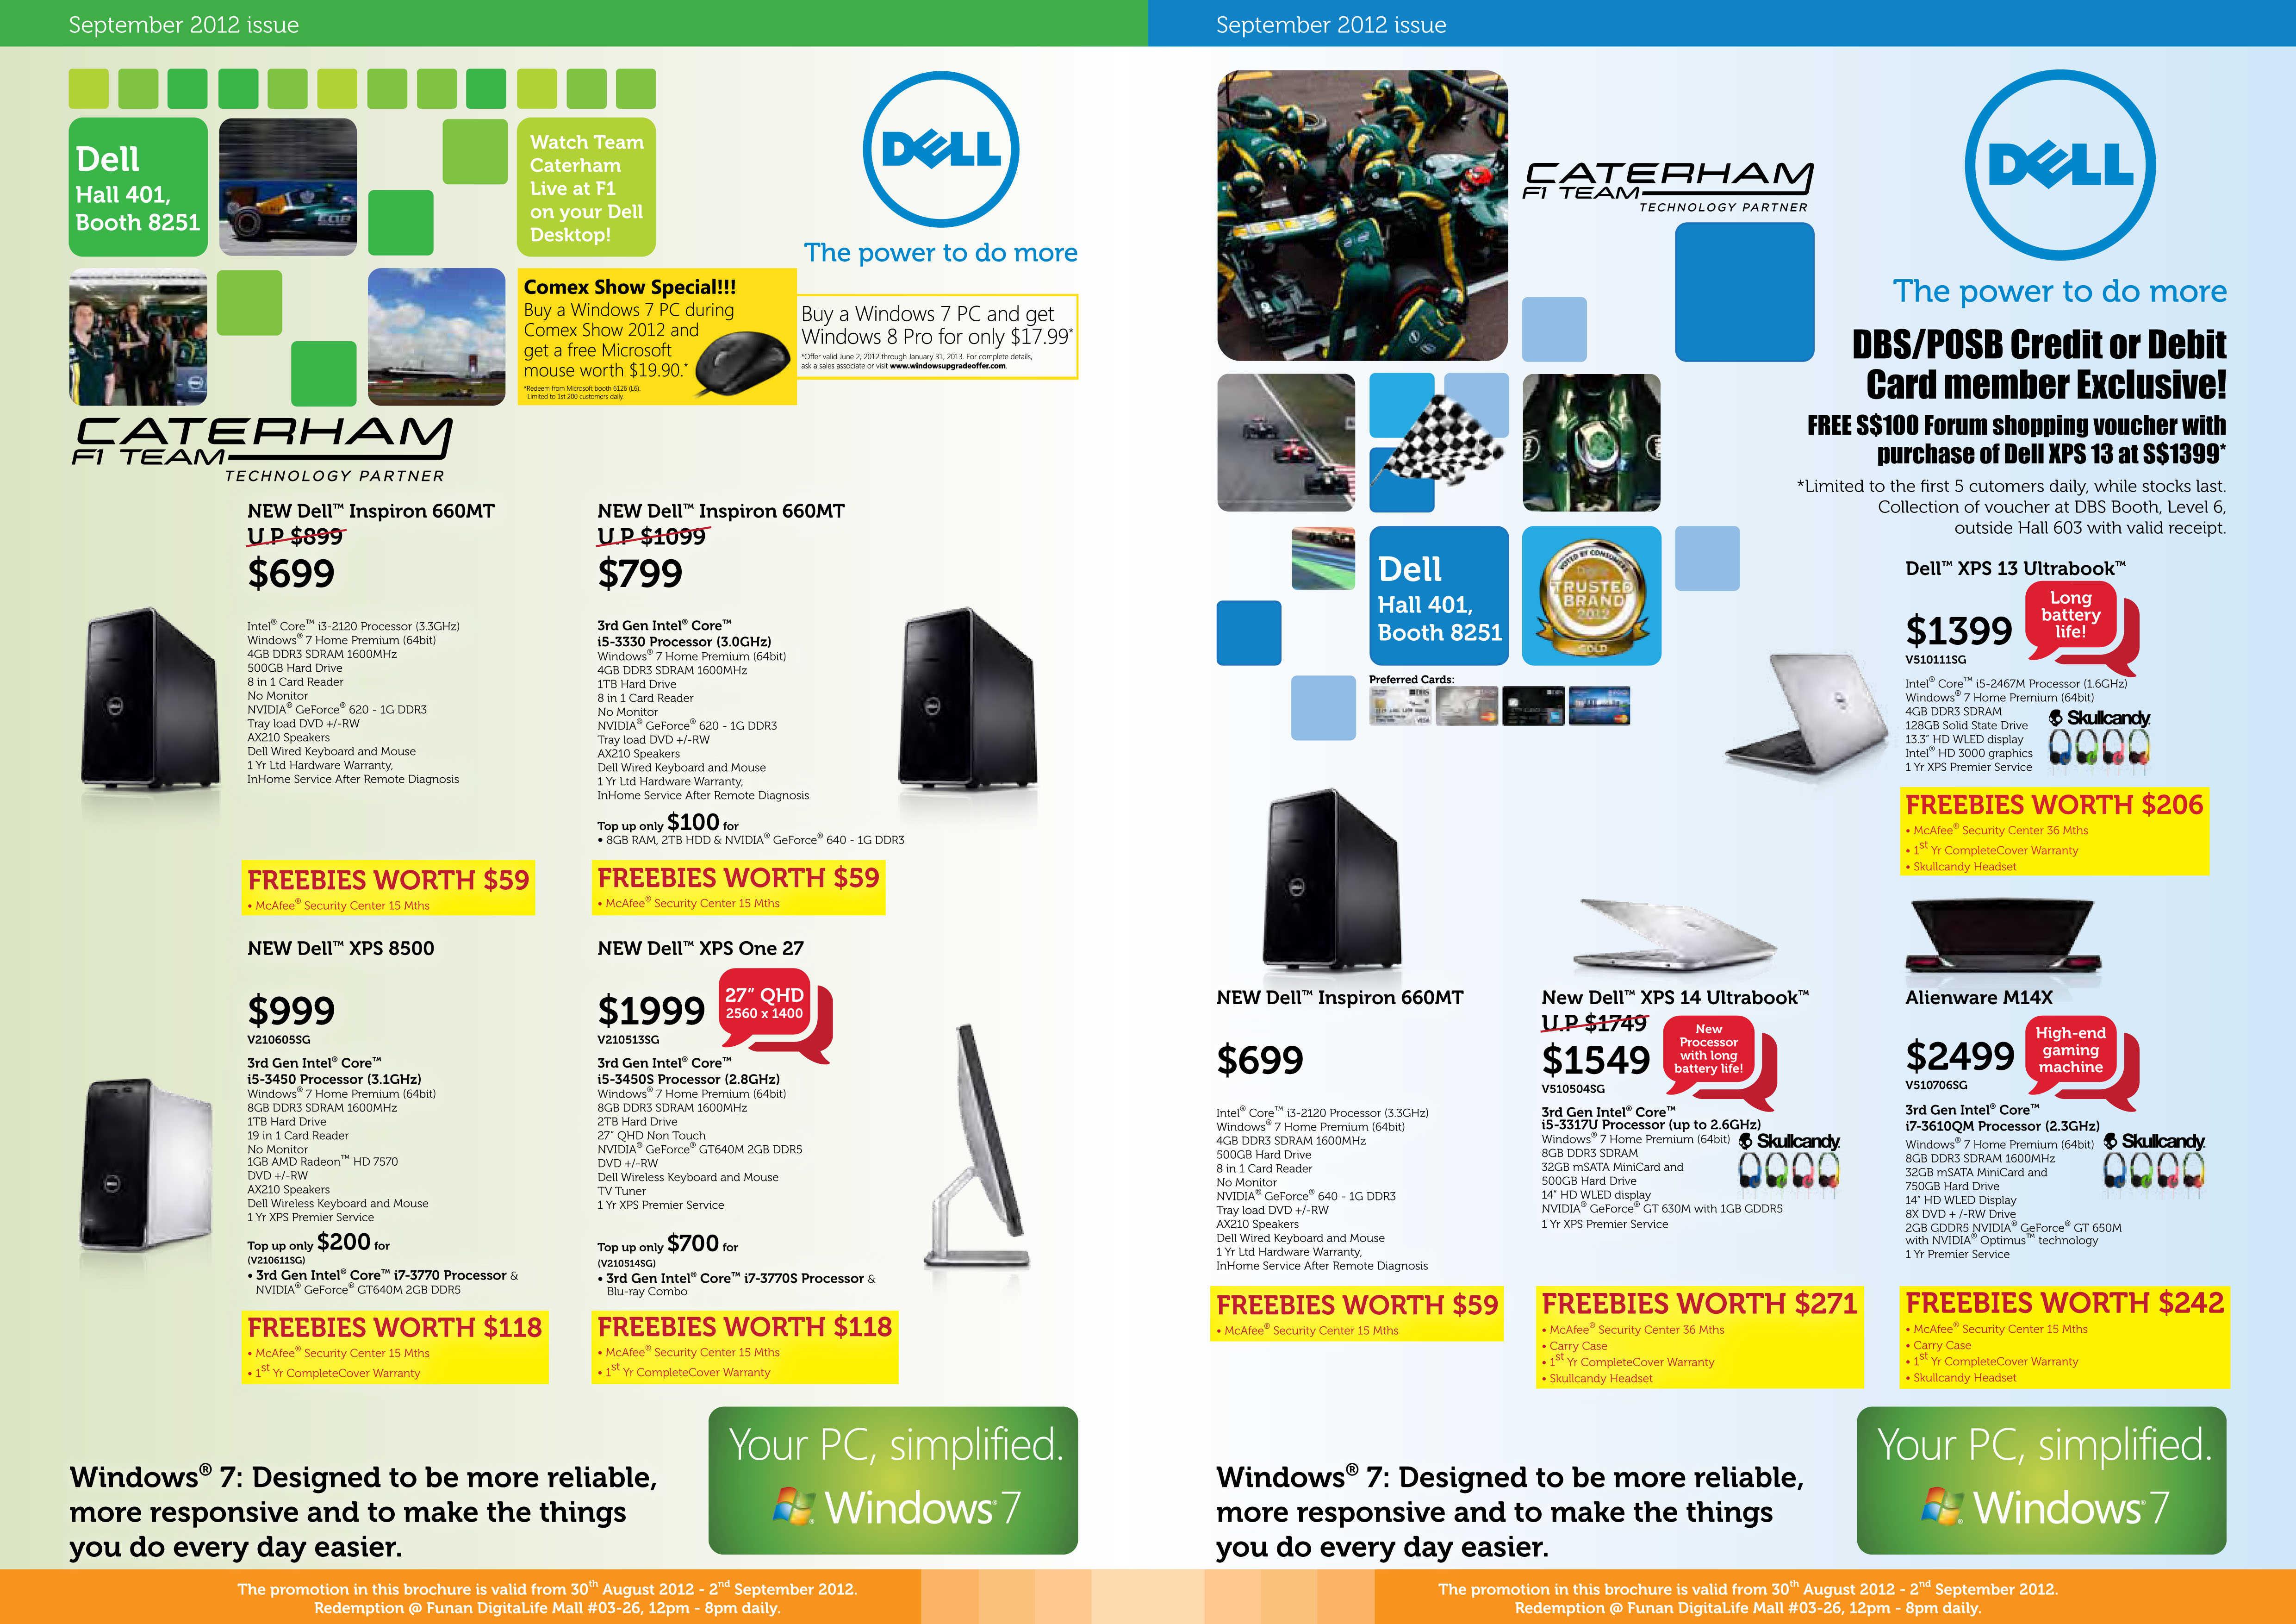 Dell Main booth COMEX 2012 Pricelist 1